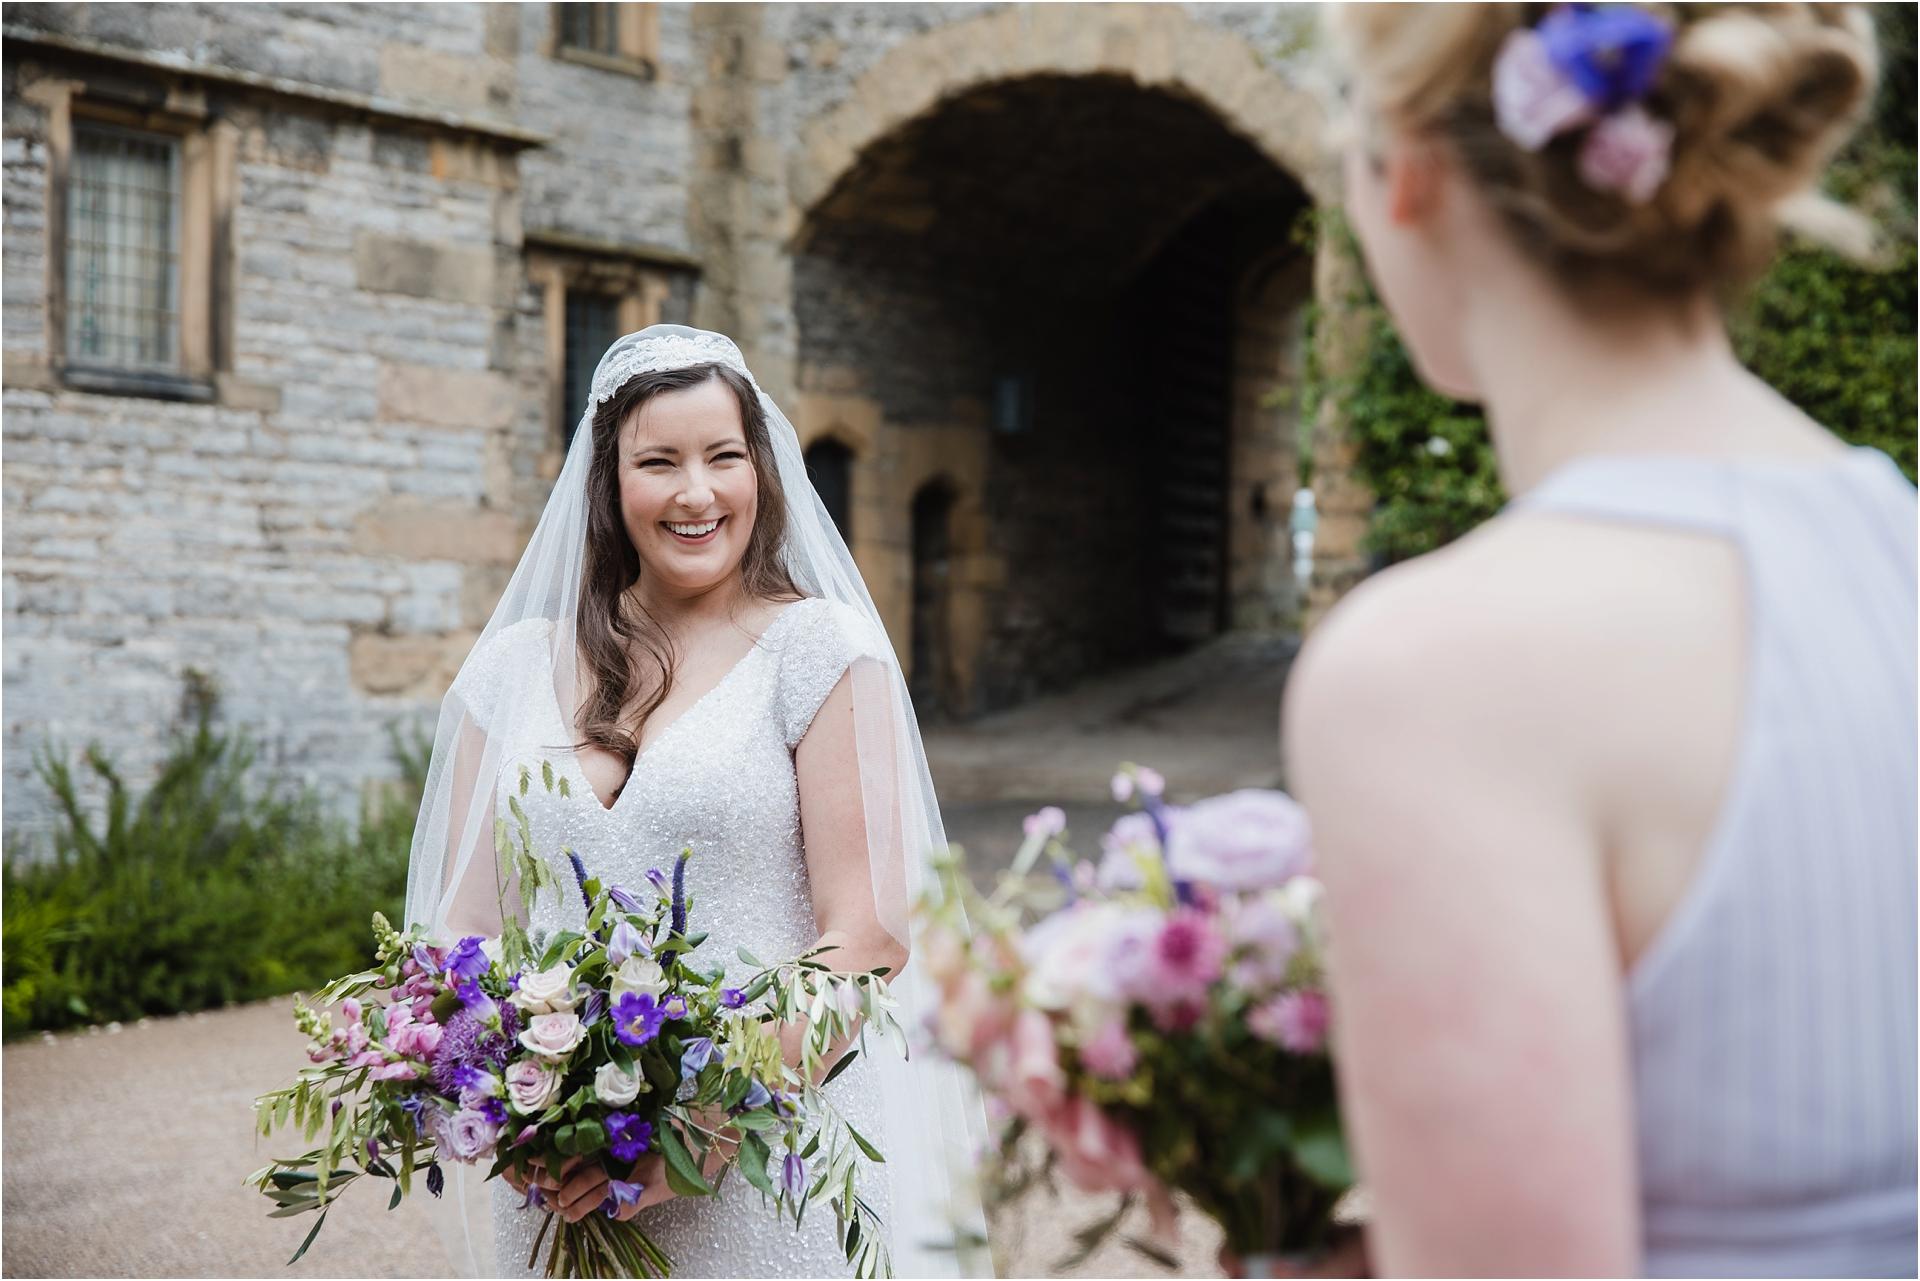 Bridal style at Haddon Hall